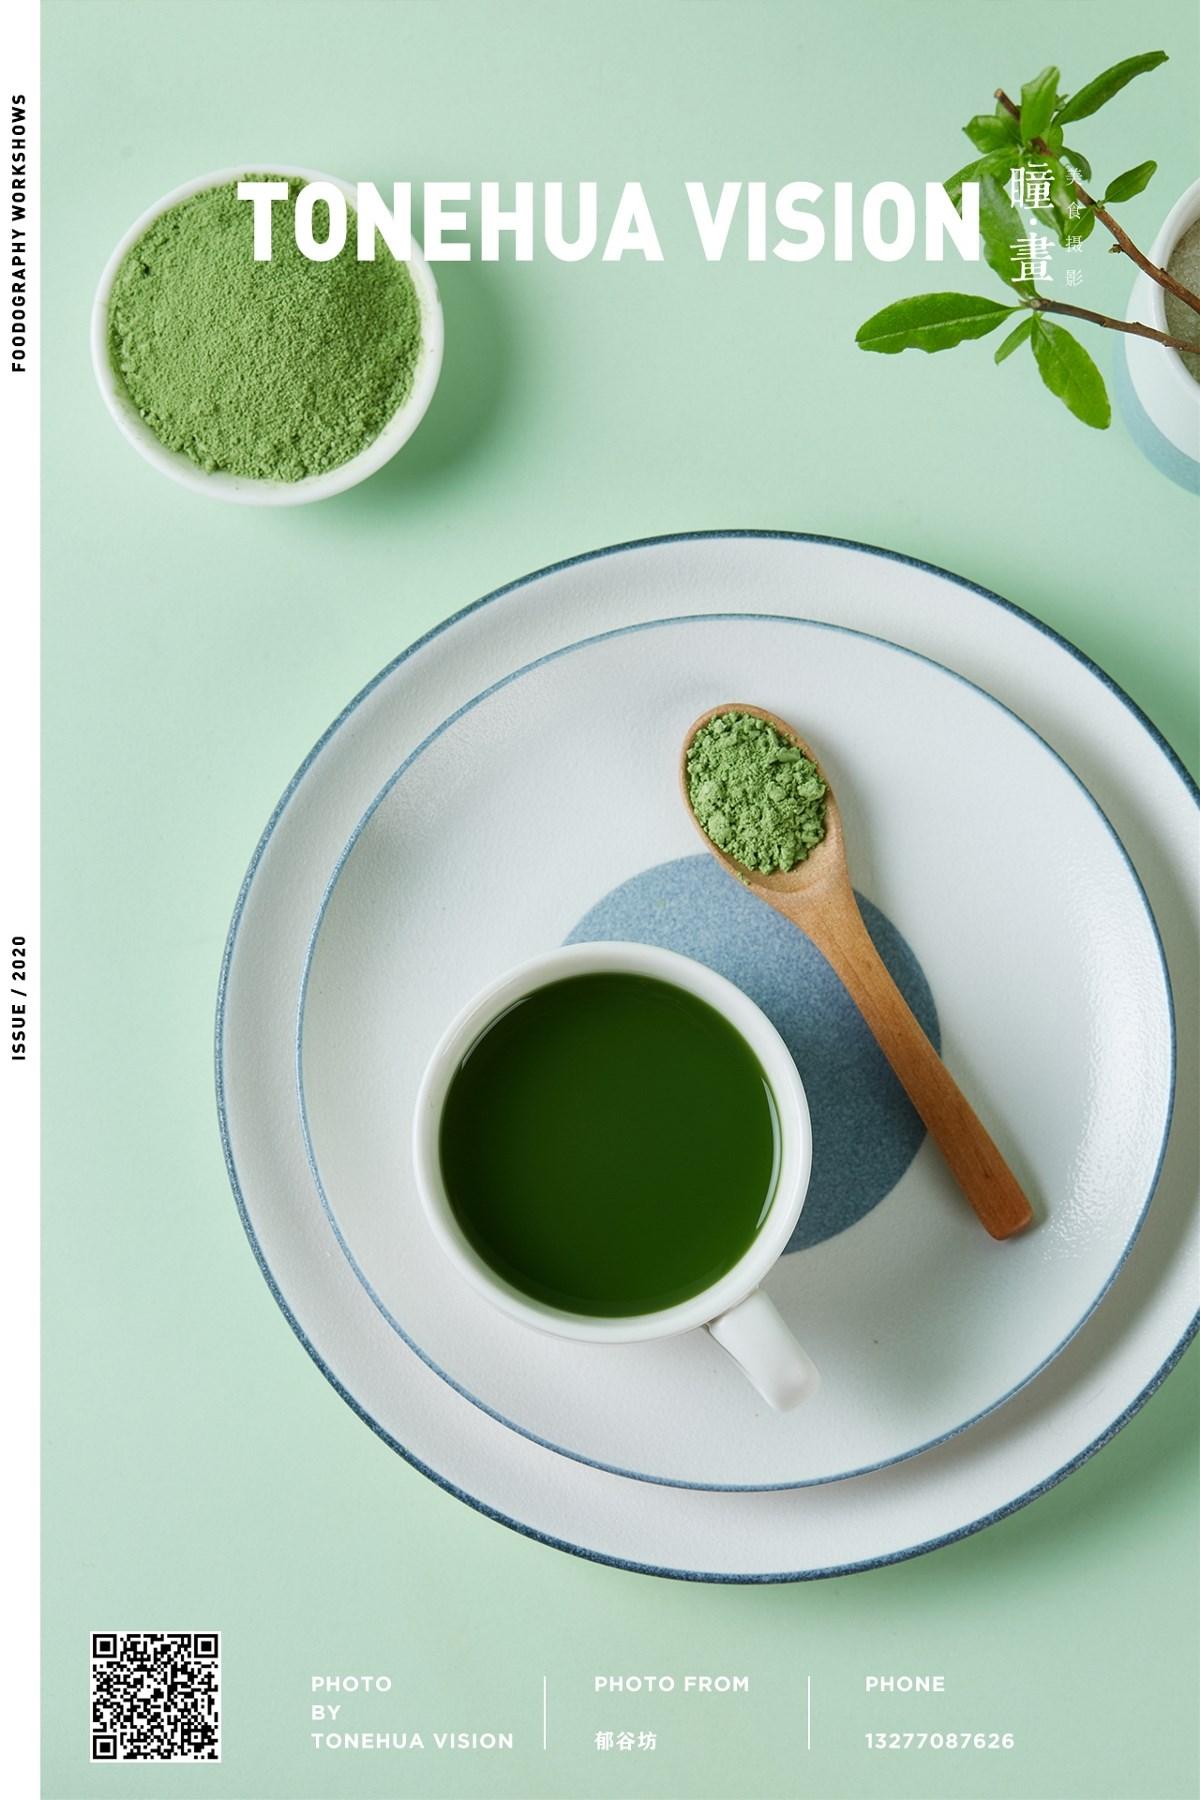 武汉菜品菜单拍摄|电商产品拍摄| 瞳画视觉美食摄影工作室